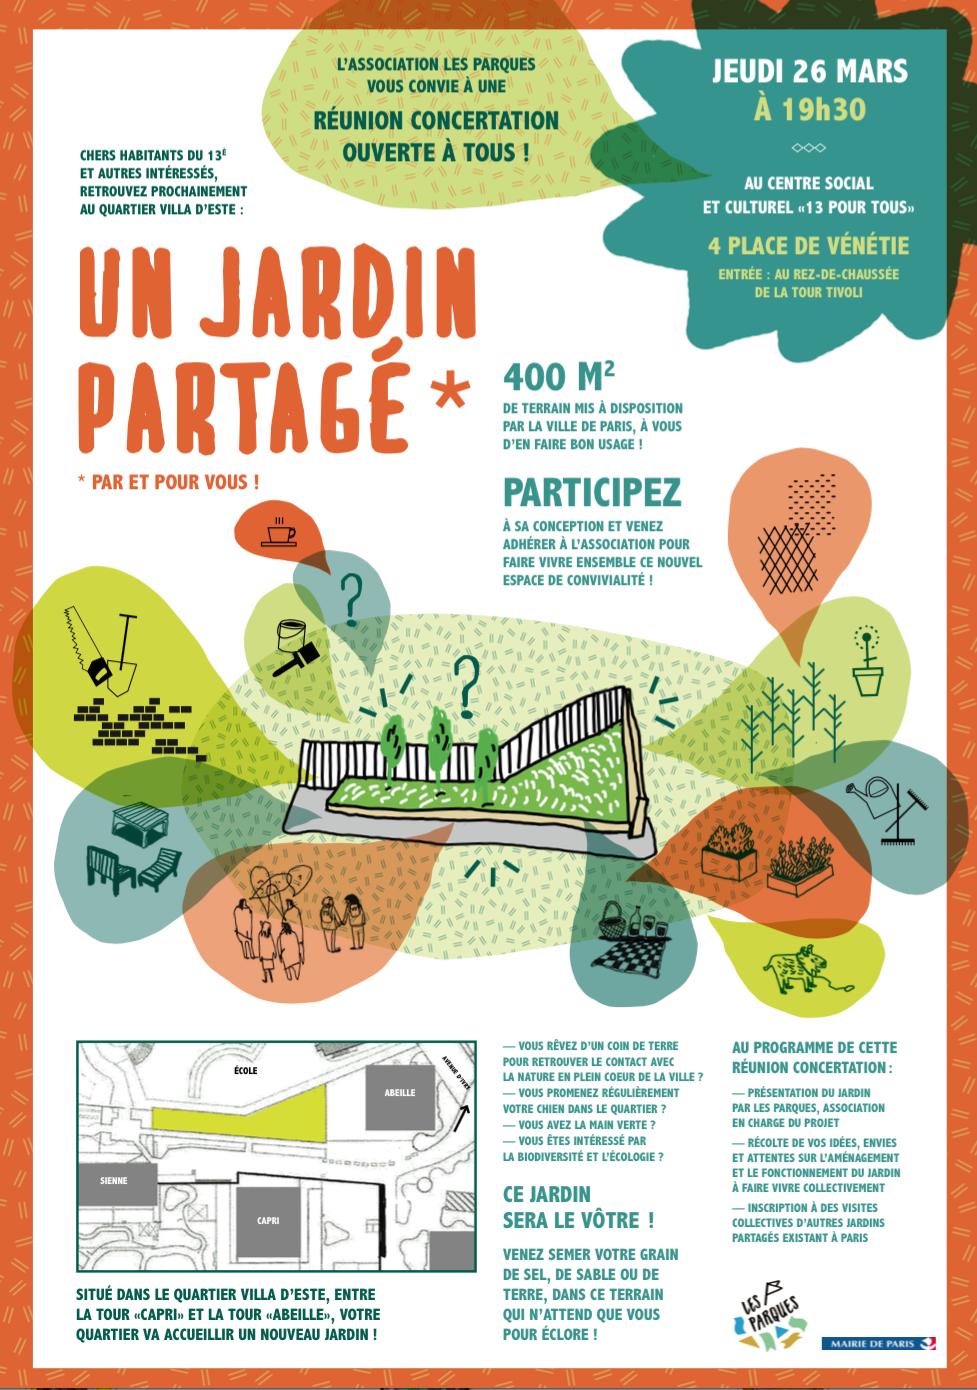 La création d'un jardin partagé - 2014